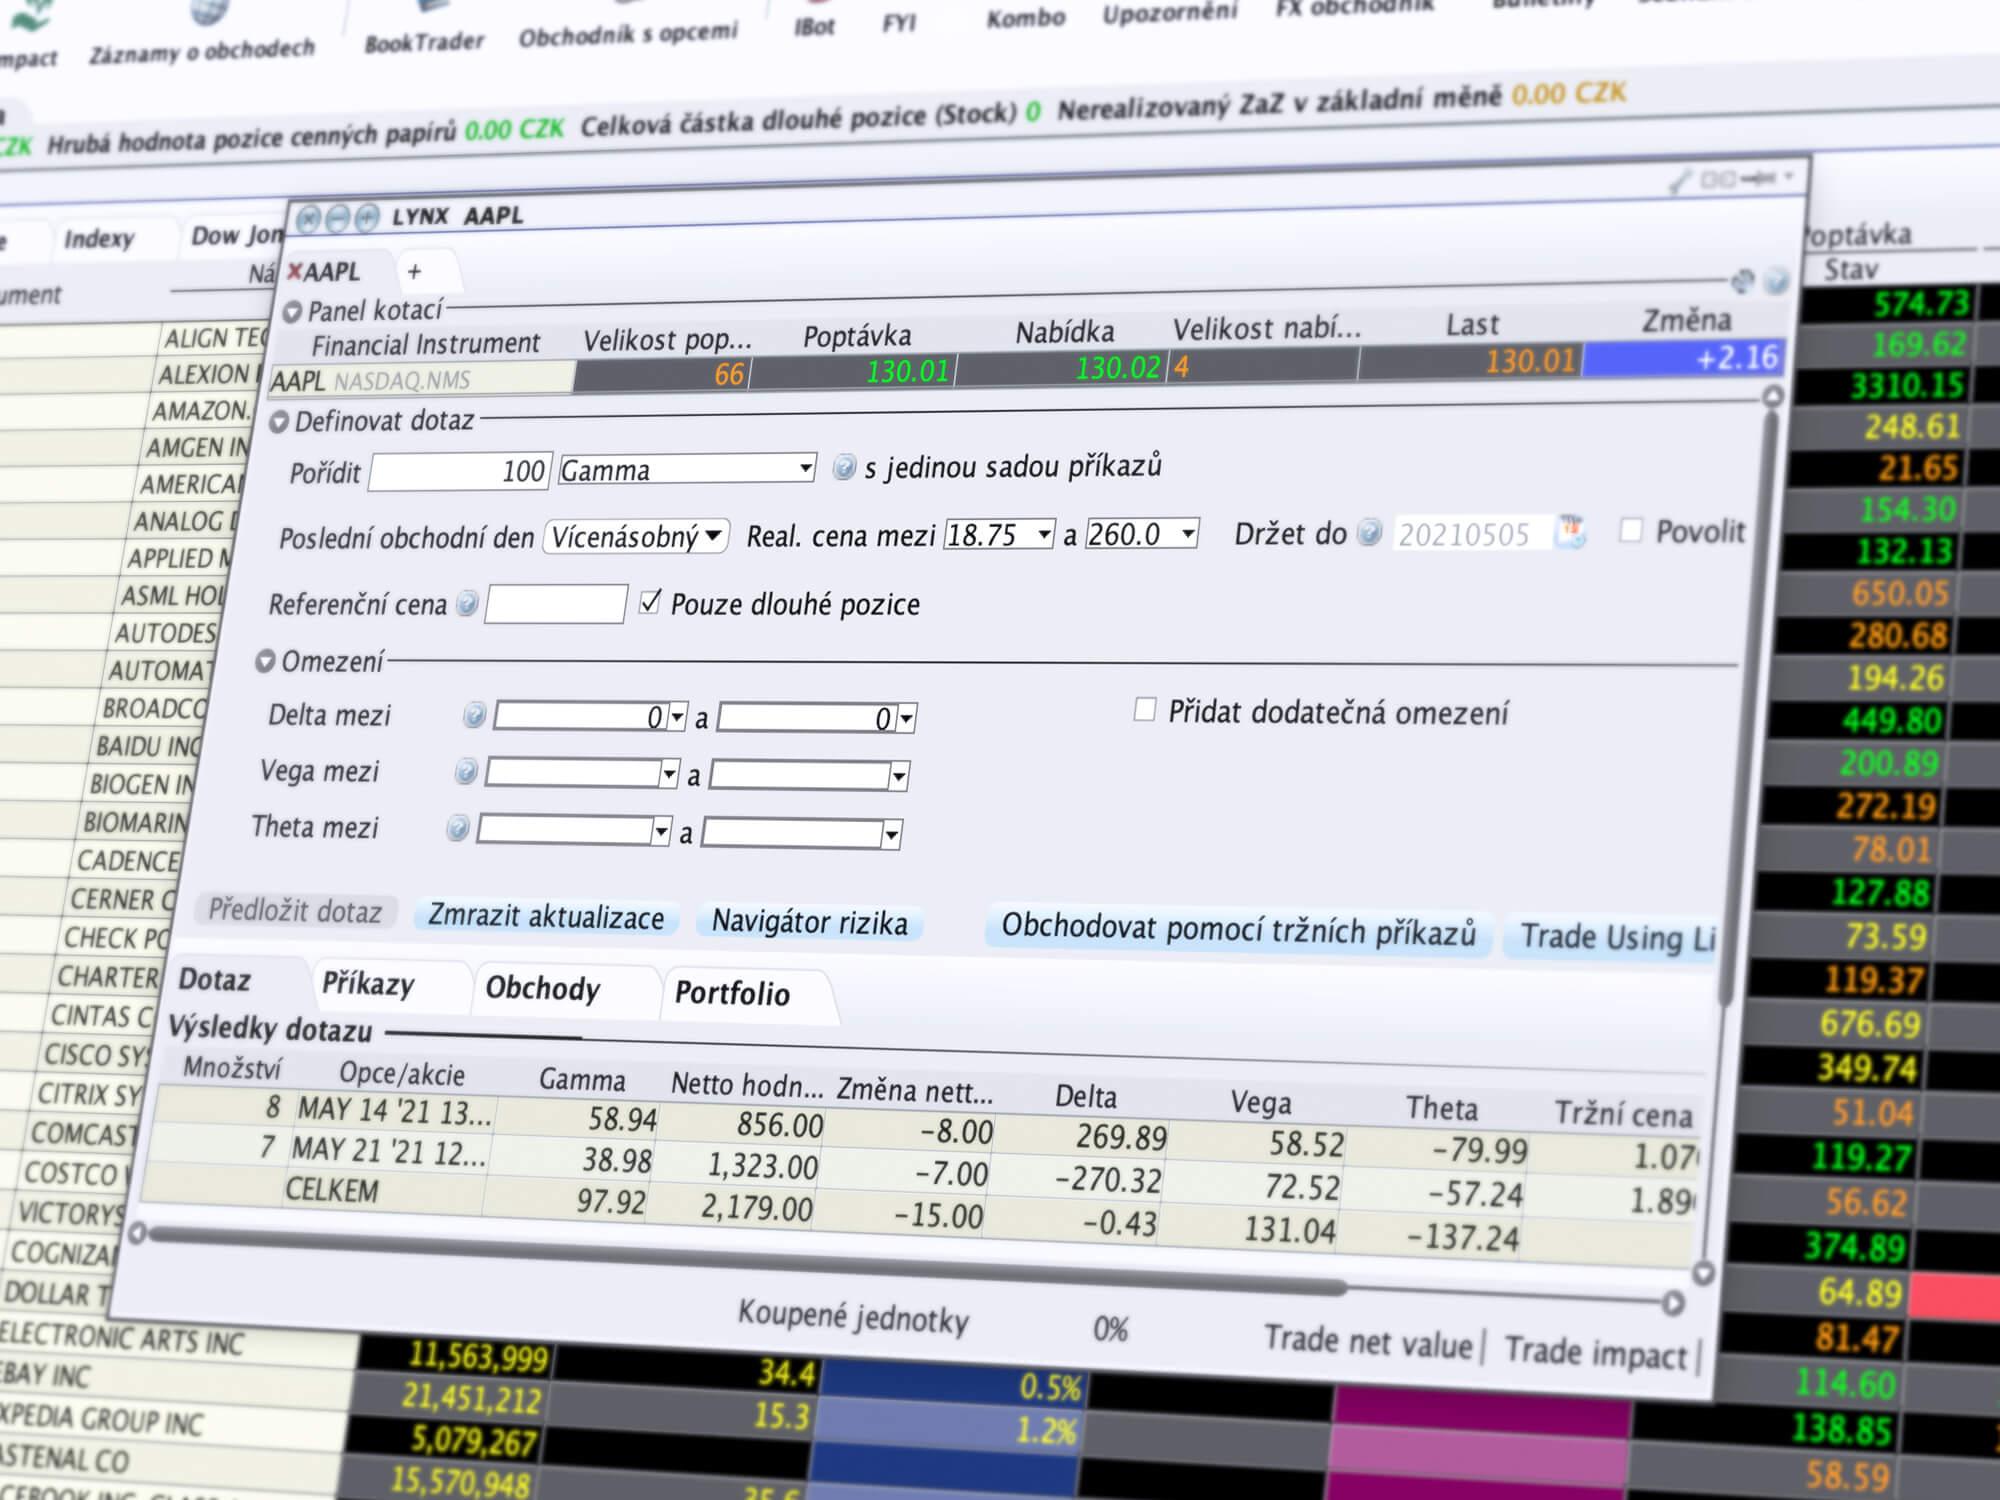 Detail obchodního nástroje Options Portfolio